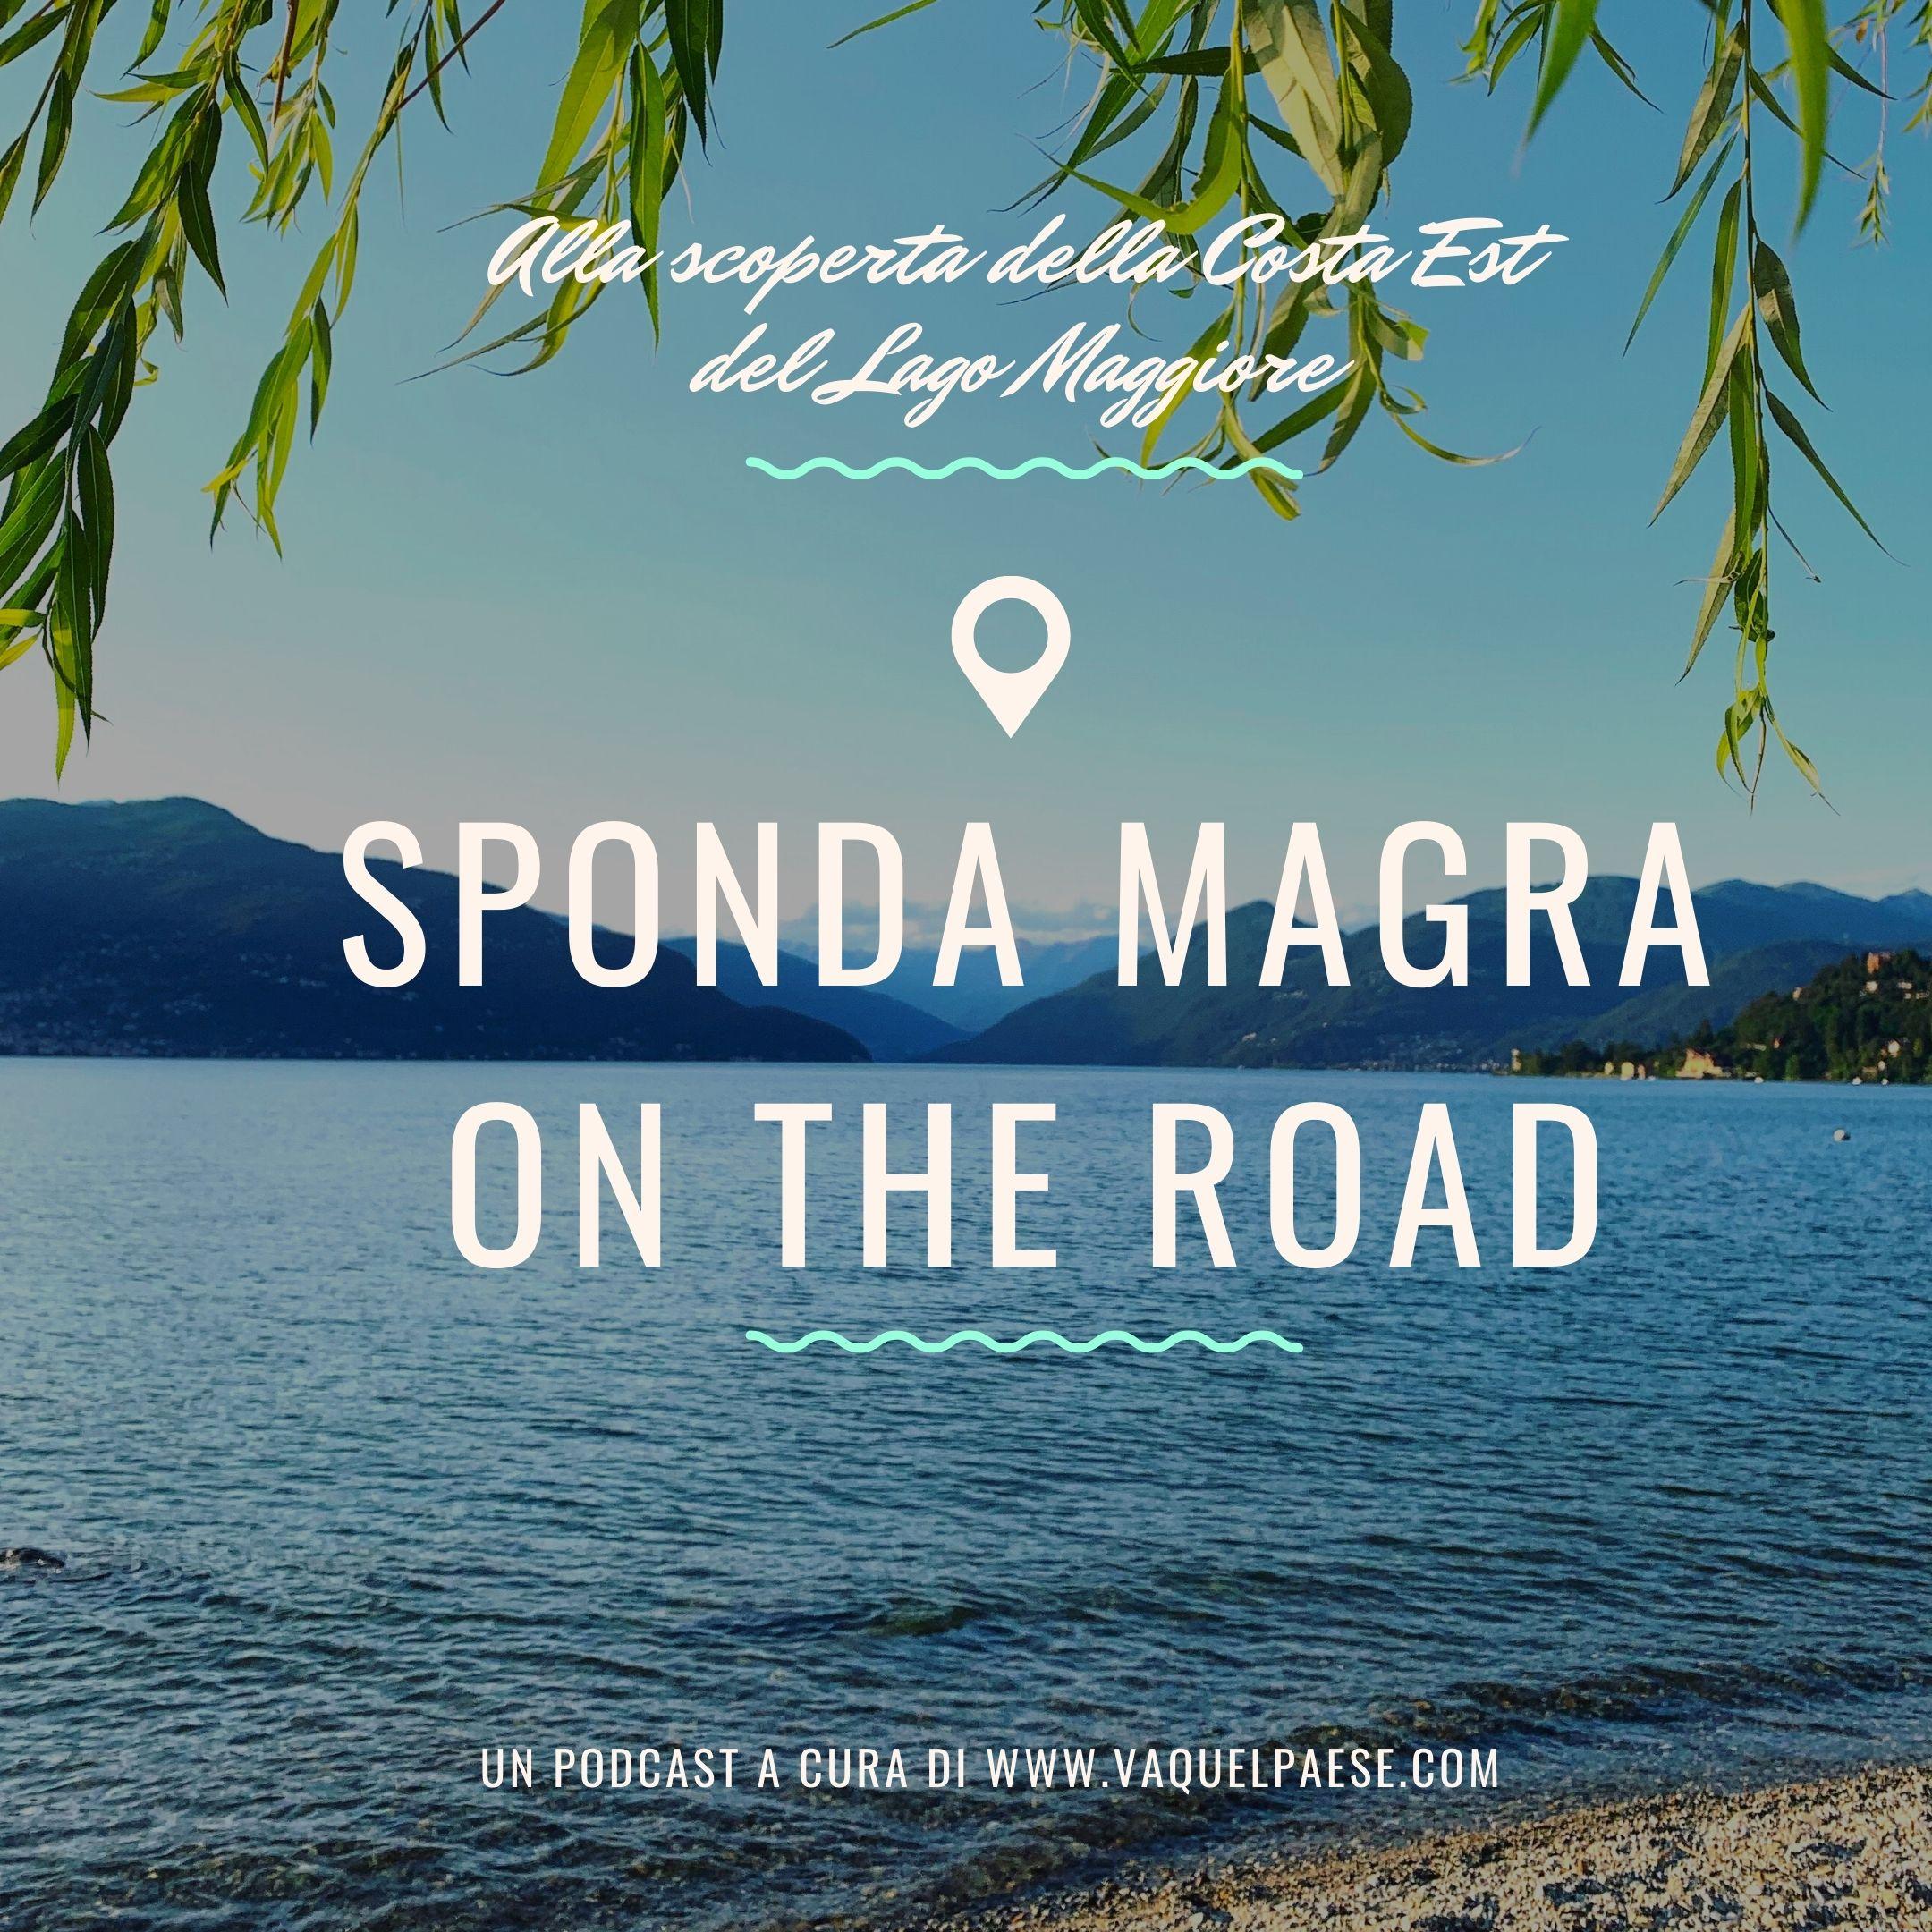 Un podcast per portarvi al lago: è arrivato Sponda Magra.